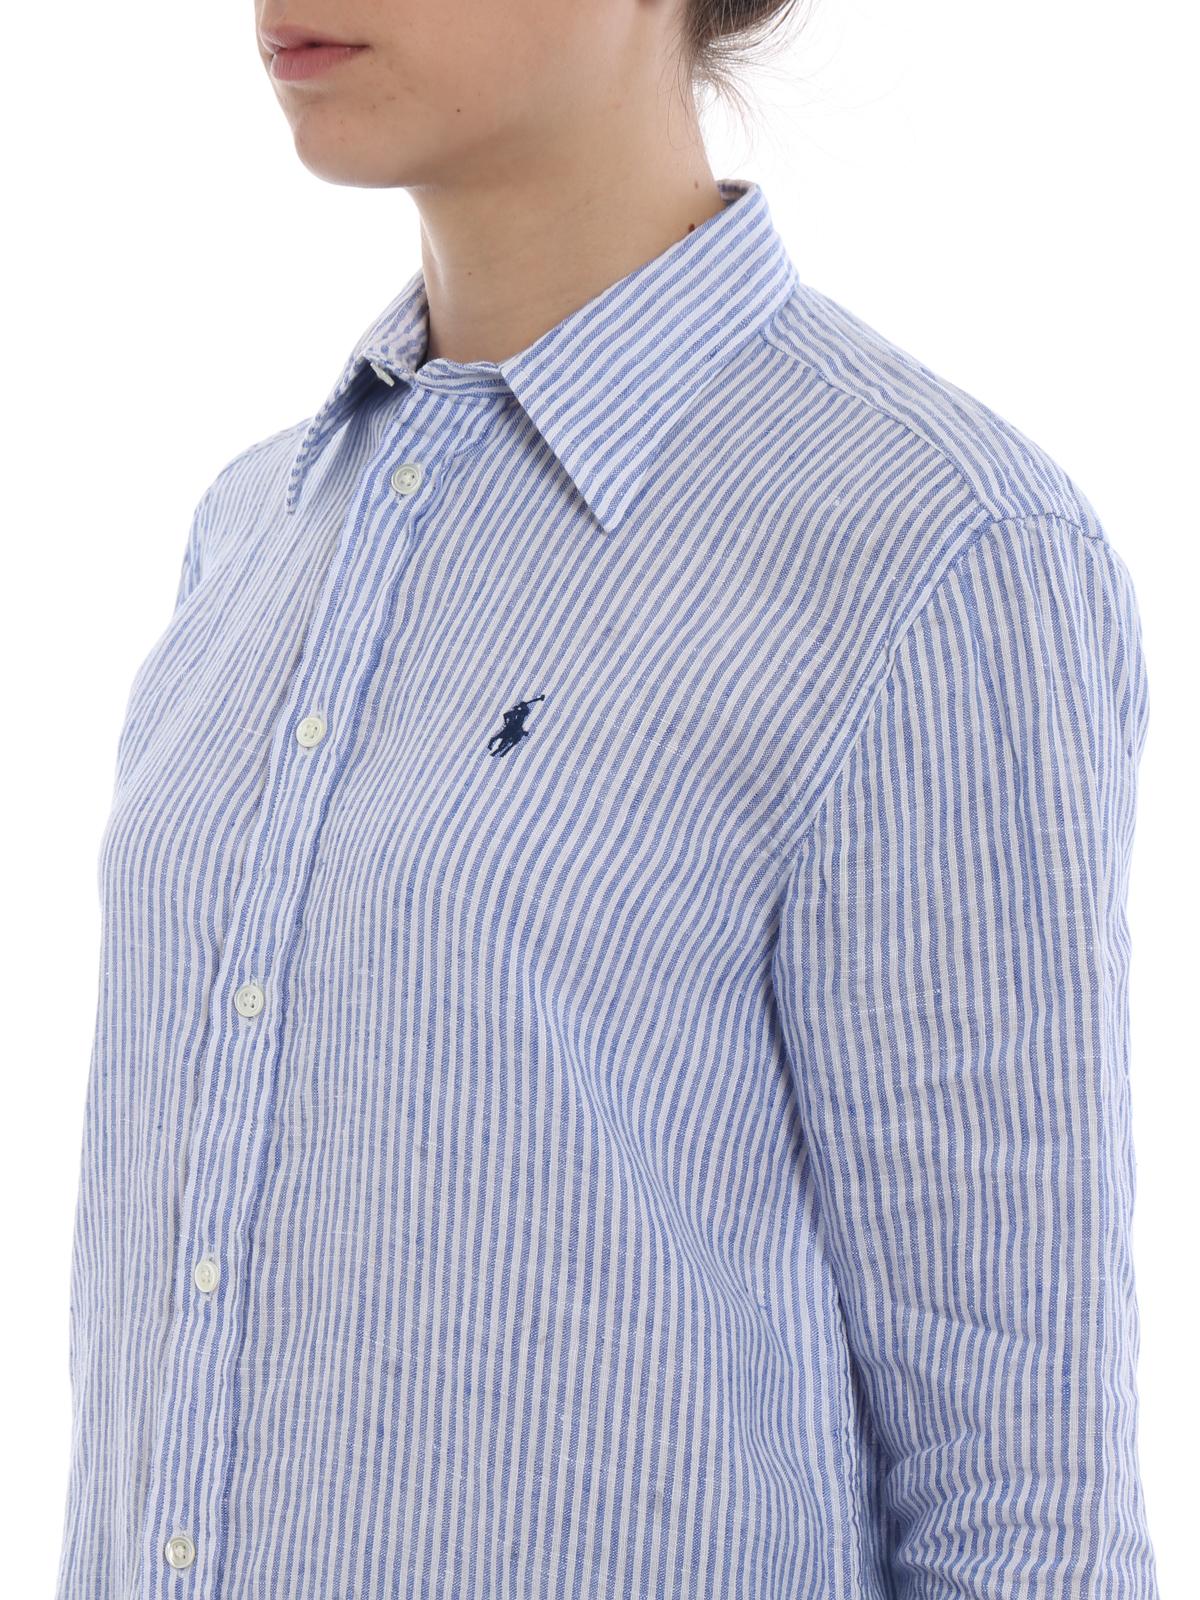 Fit Striped Polo Shirts Relaxed Linen Ralph Shirt Lauren rBCexod